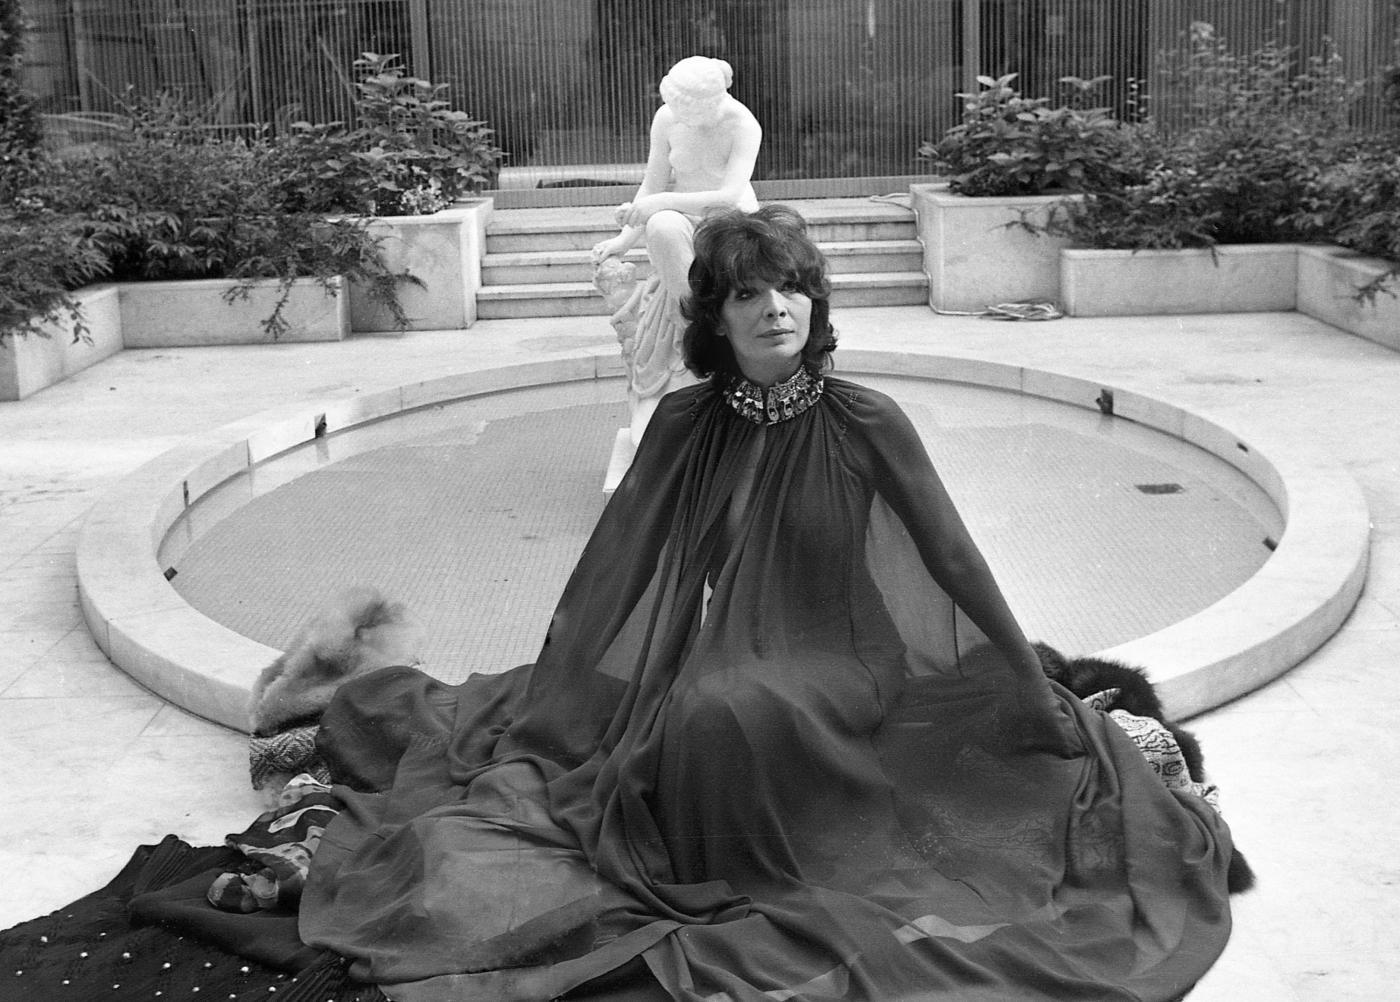 E' morta Juliette Gréco, iconica voce femminile della musica francese del dopoguerra e attrice di Belfagor